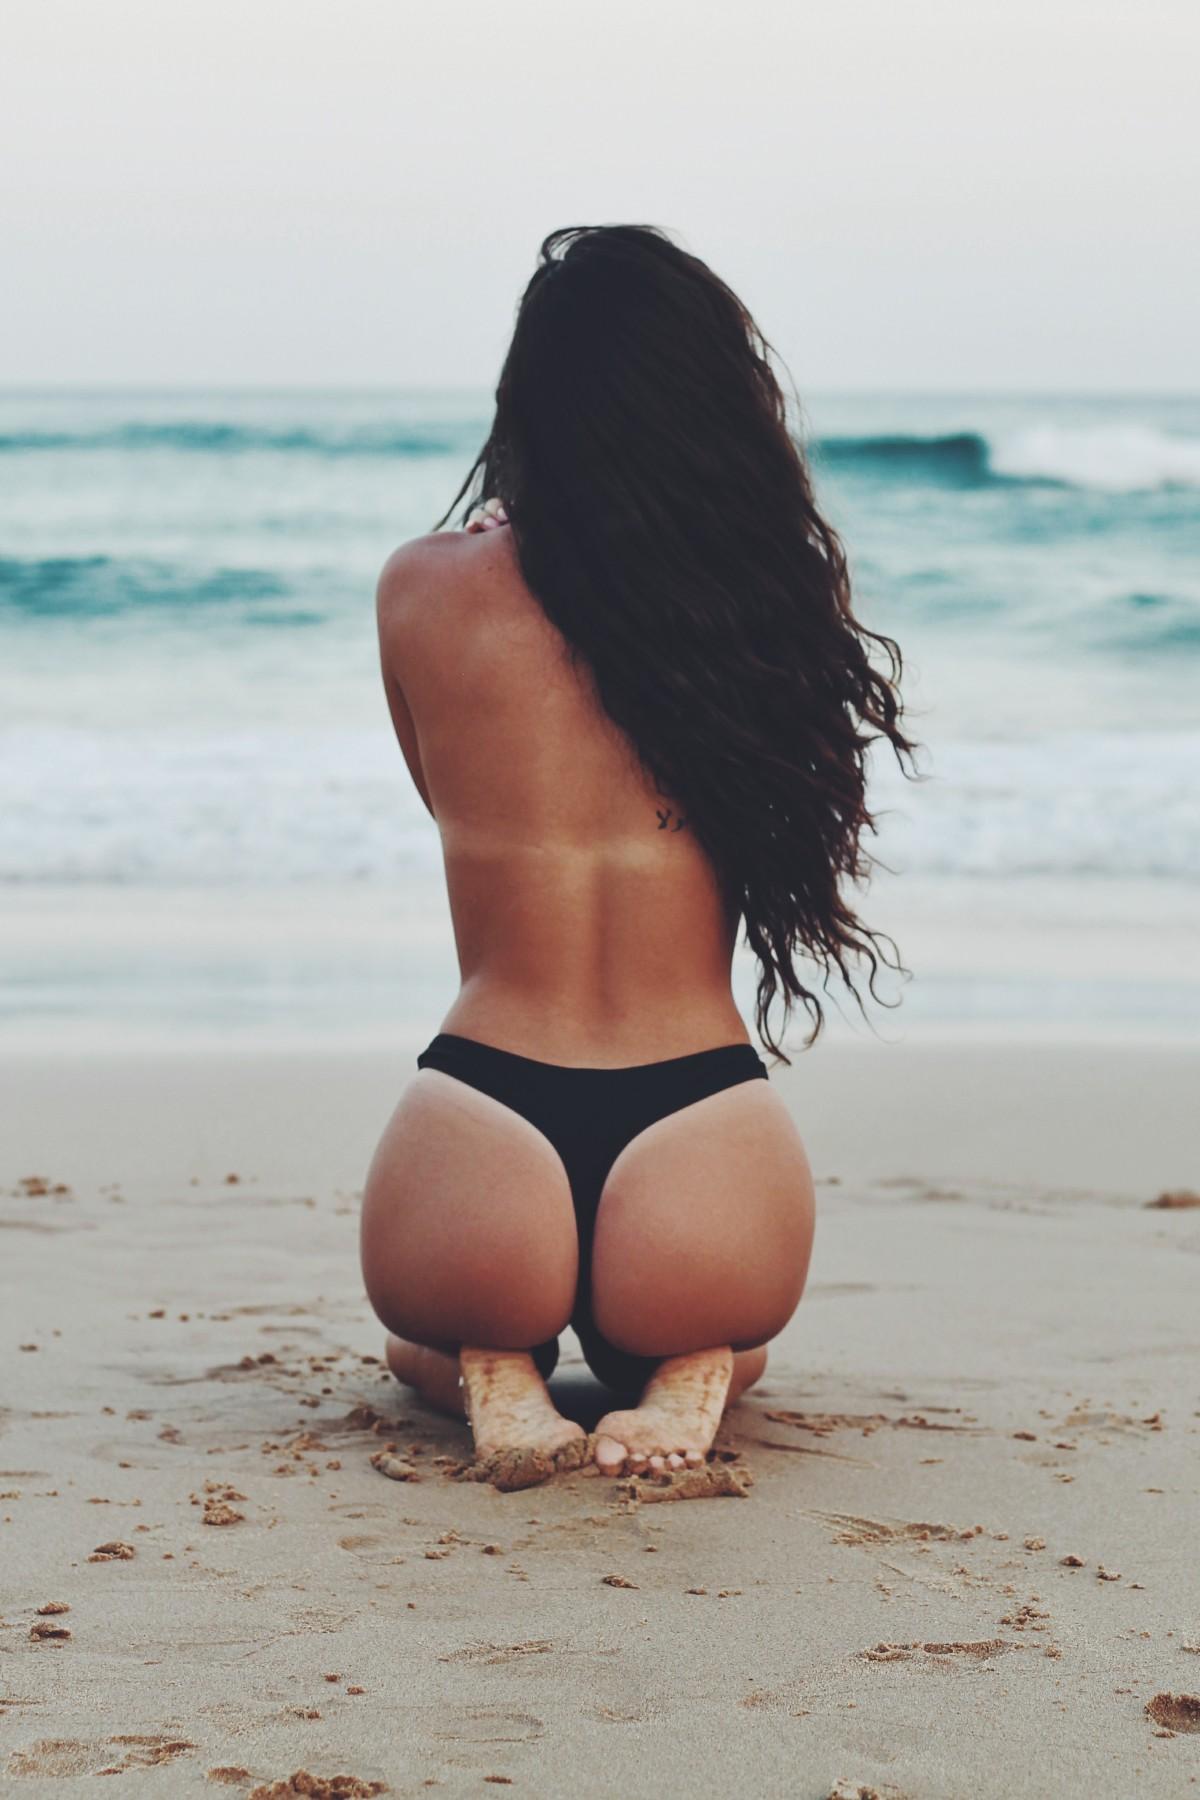 Topless sur la plage de tres beau gros seins a mater - 1 part 6